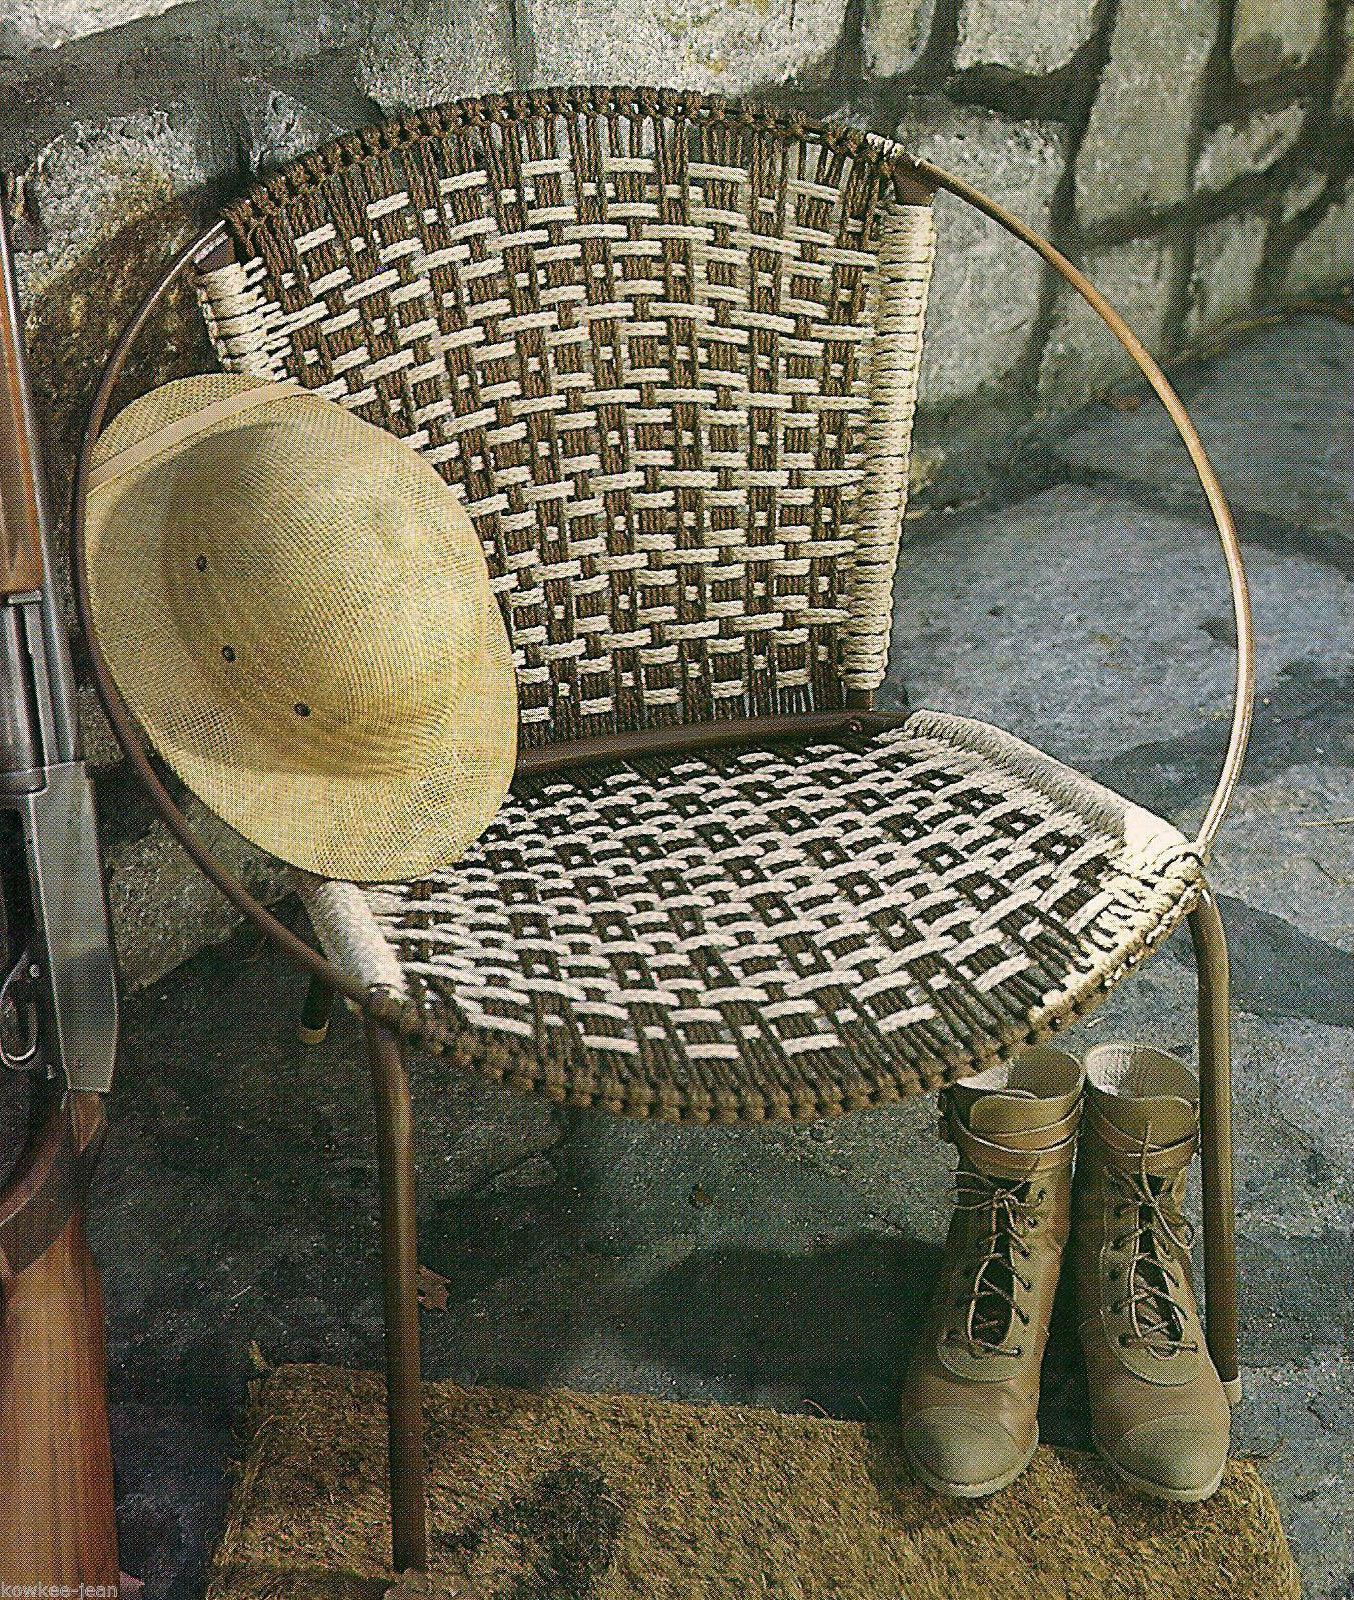 macrame lawn chair reupholster a seat patterns gone fishing geometrics